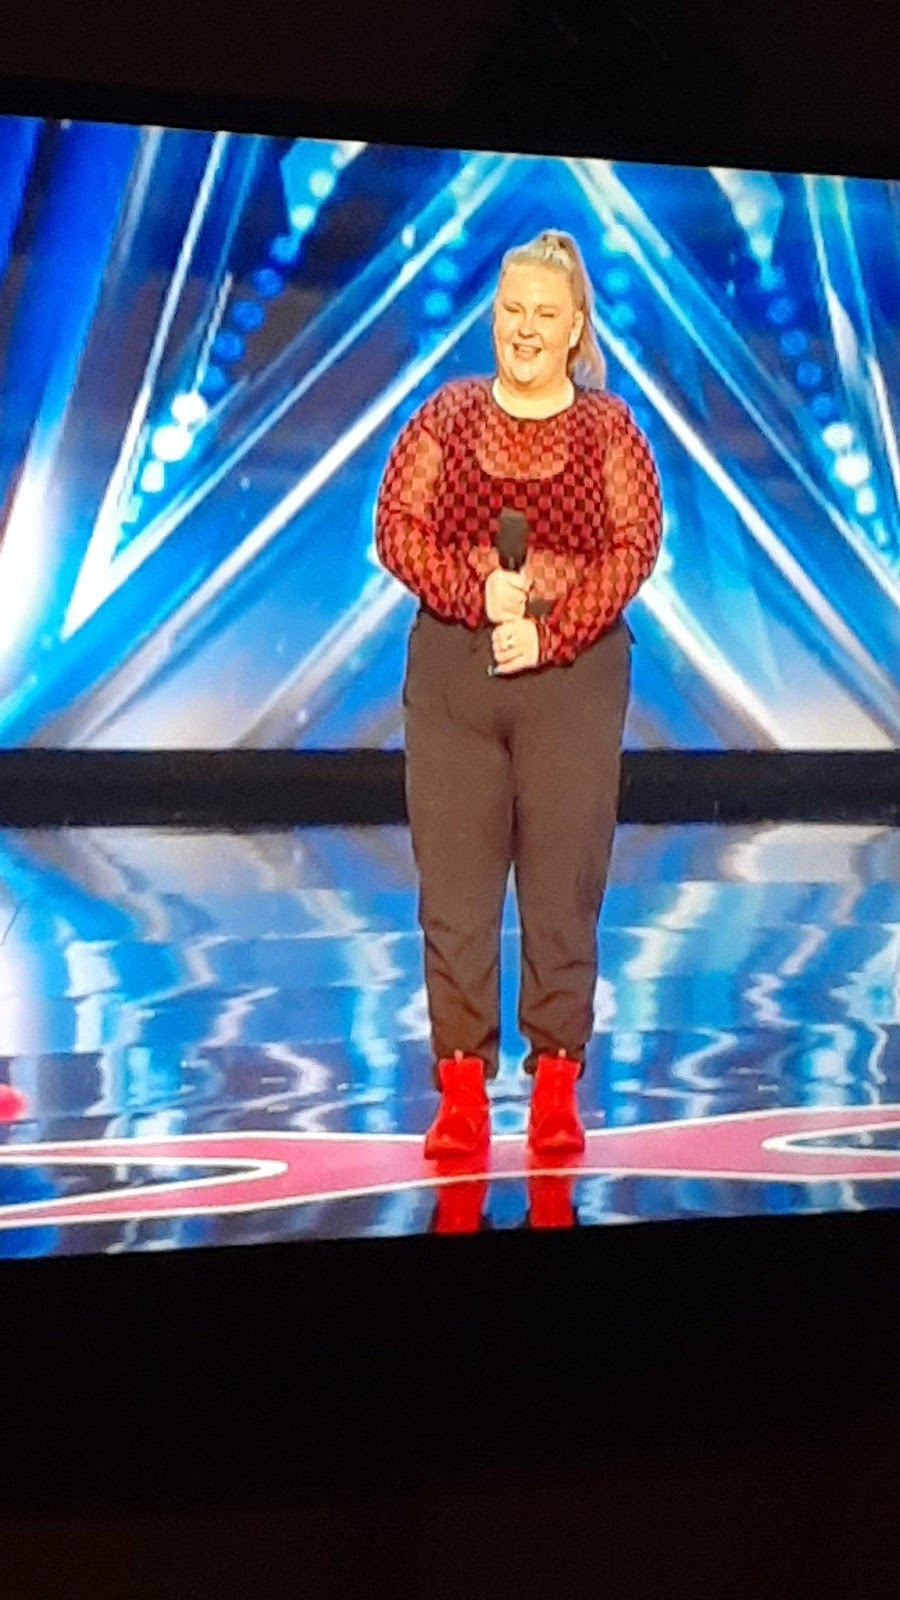 Heidi Klum accused of bullying contestant